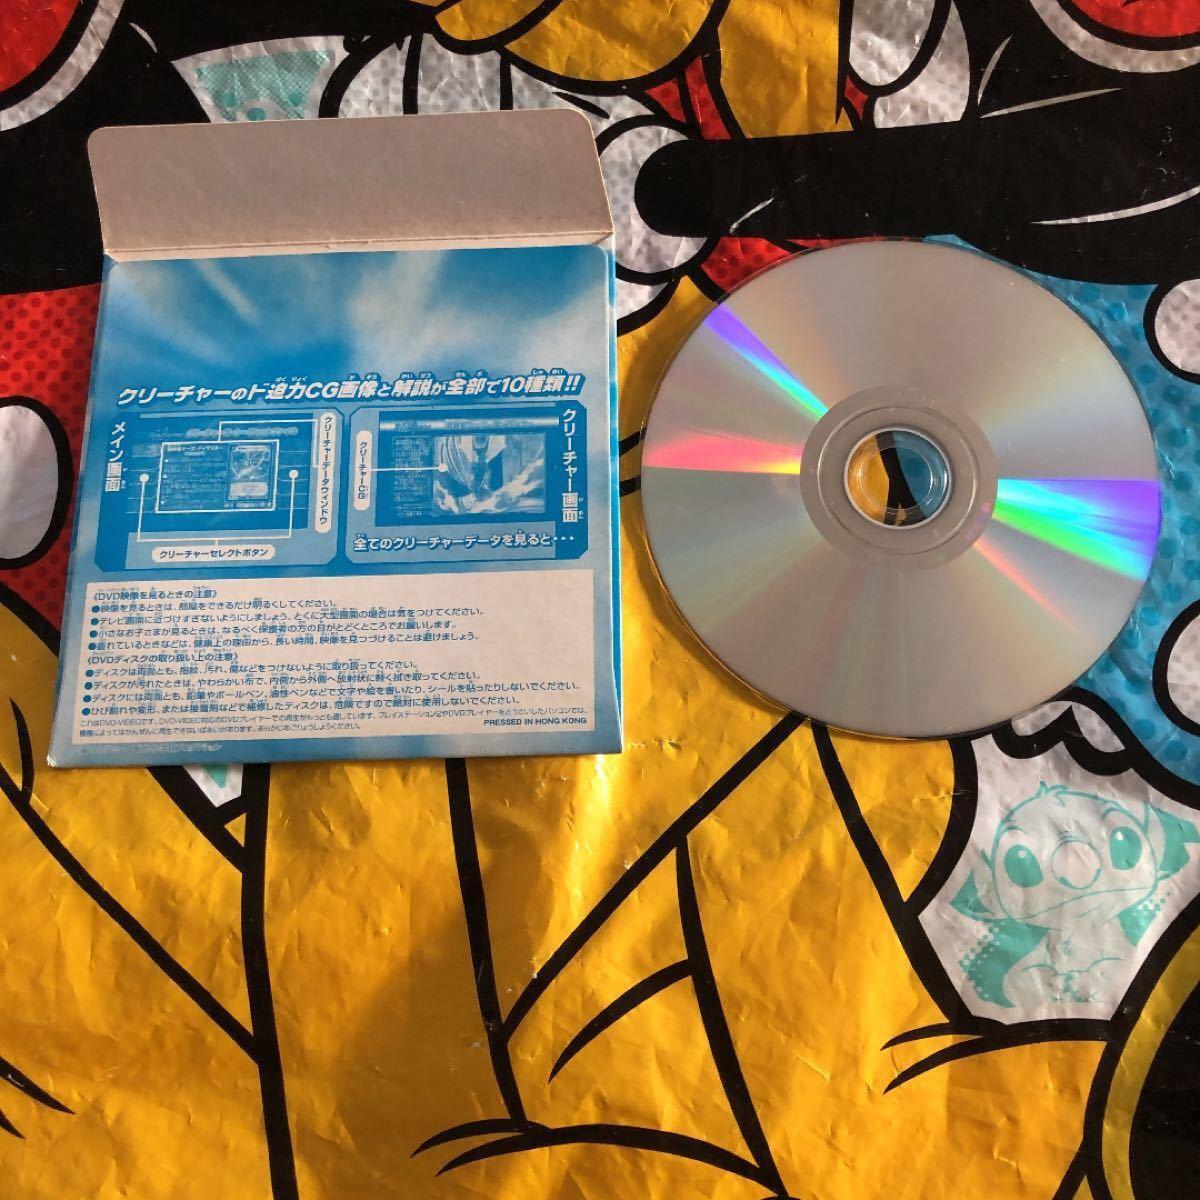 デュエルマスターズ、DVD